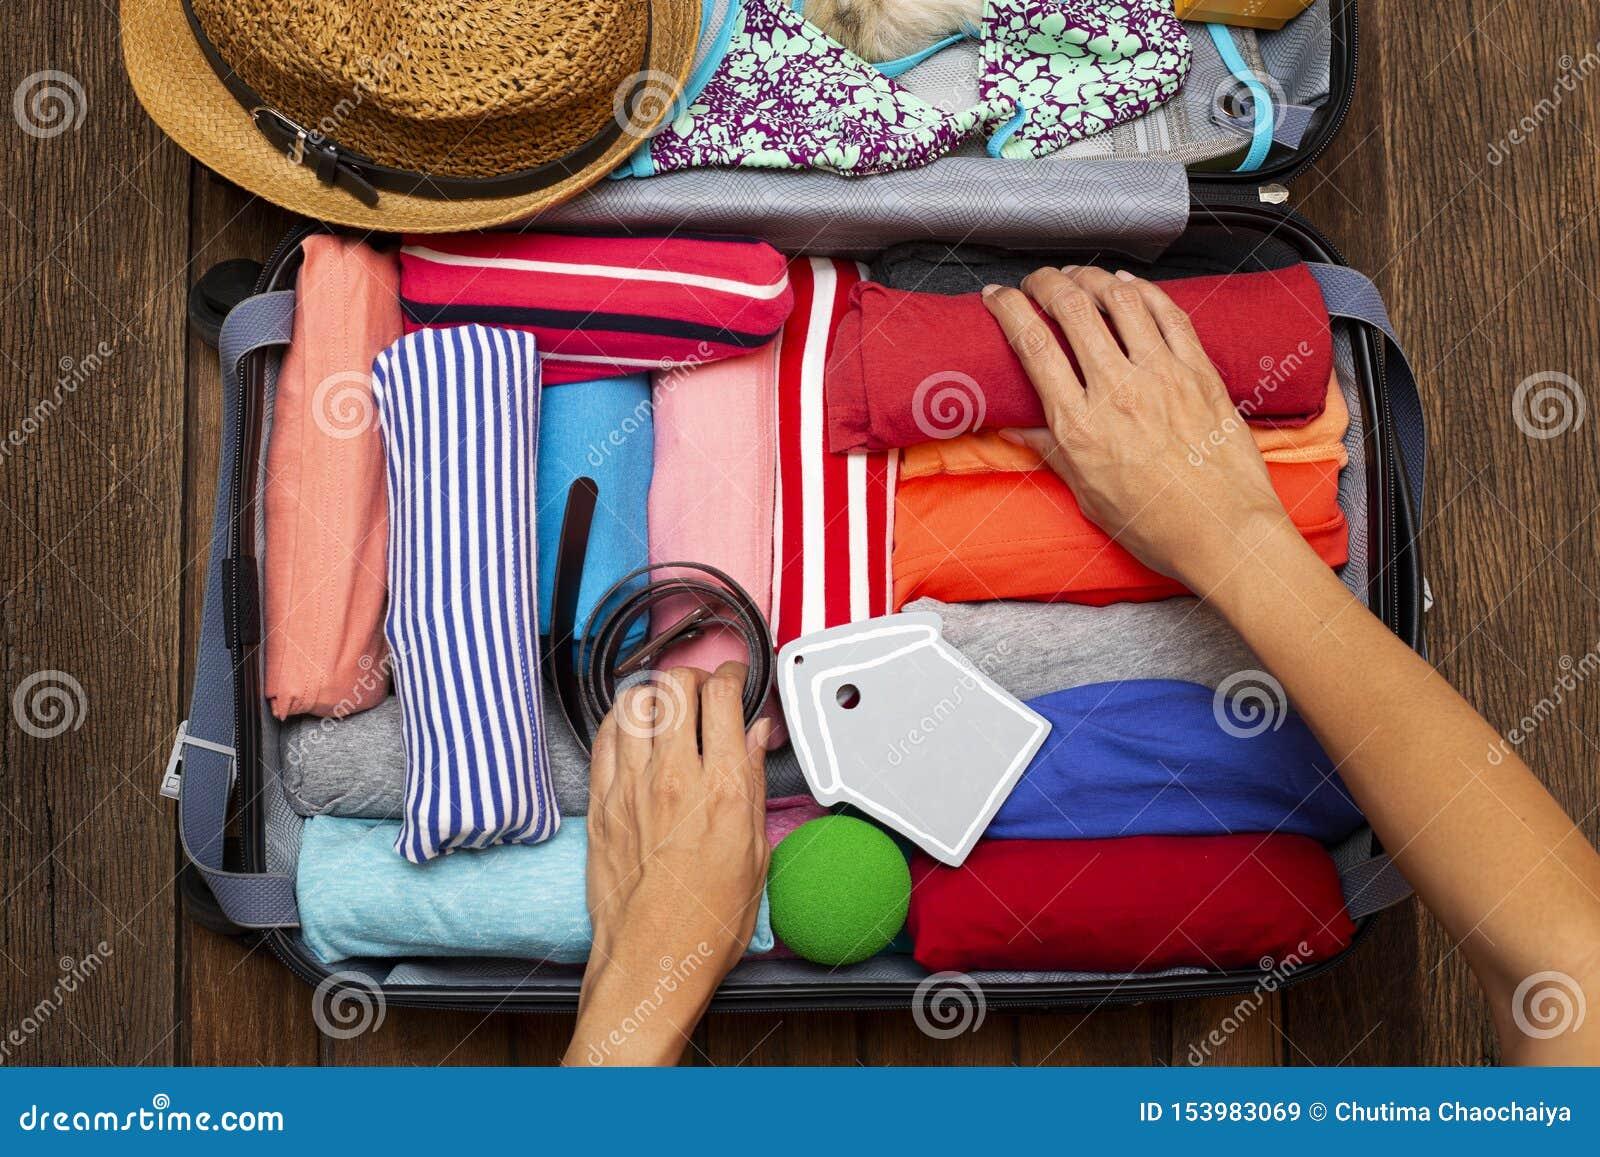 包装一次新的旅途和旅行的妇女手一件行李